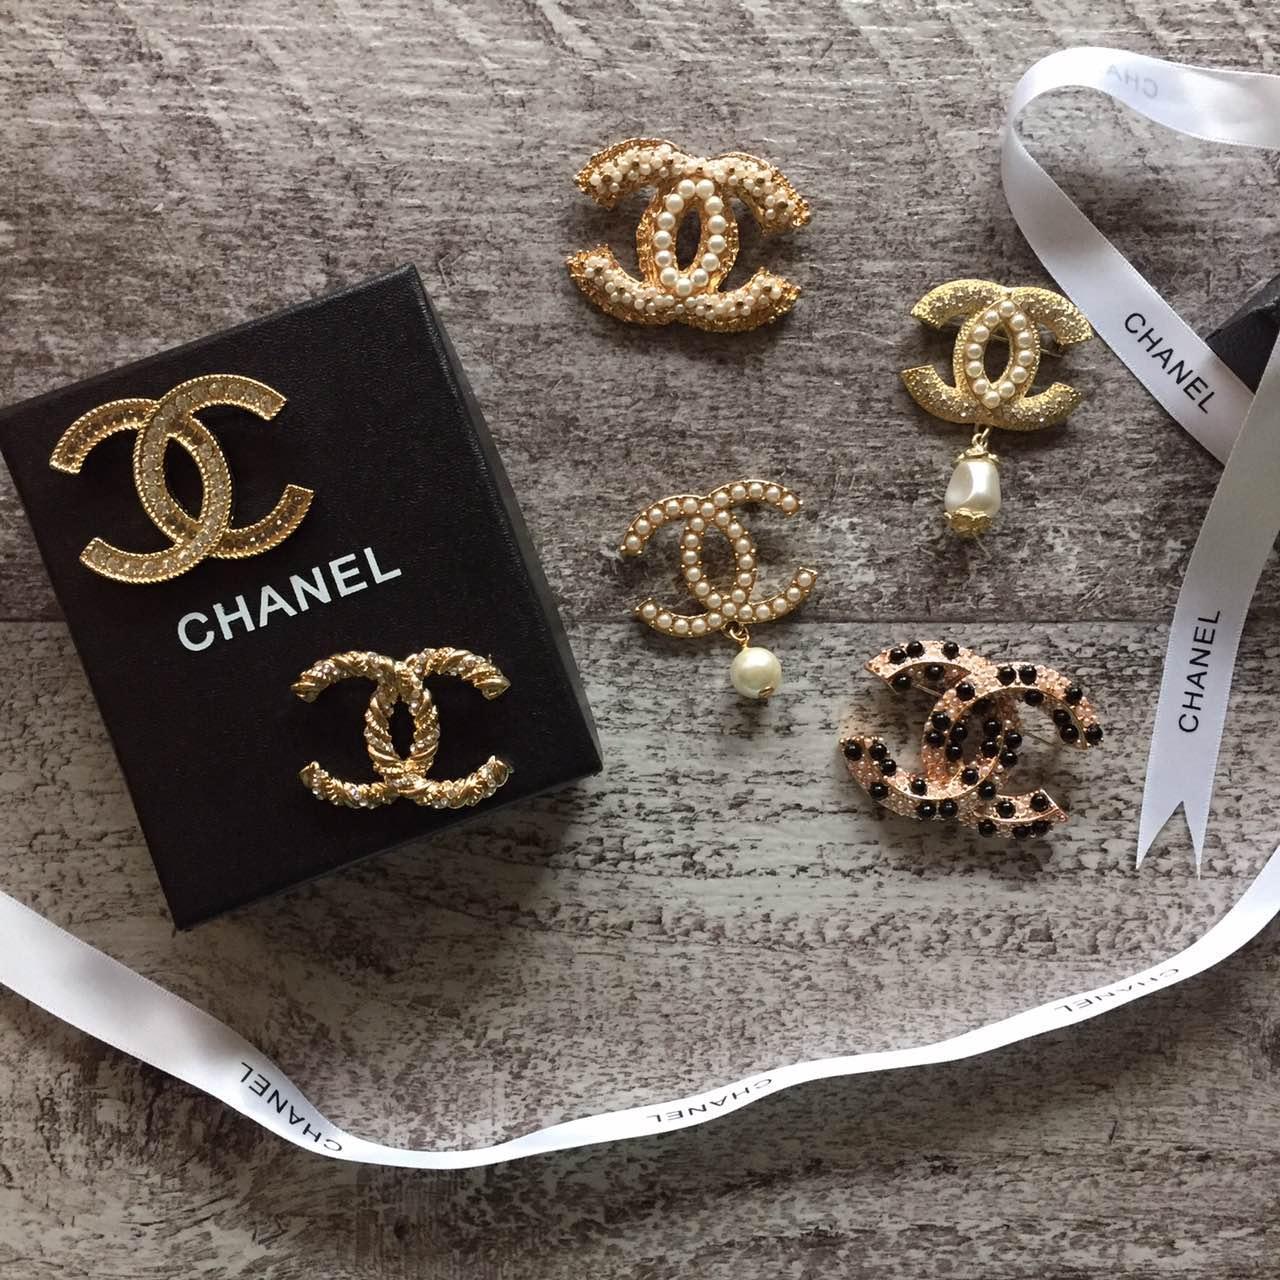 Брошь точная копия Chanel в коробке с ленточкой брошка на пальто блуз